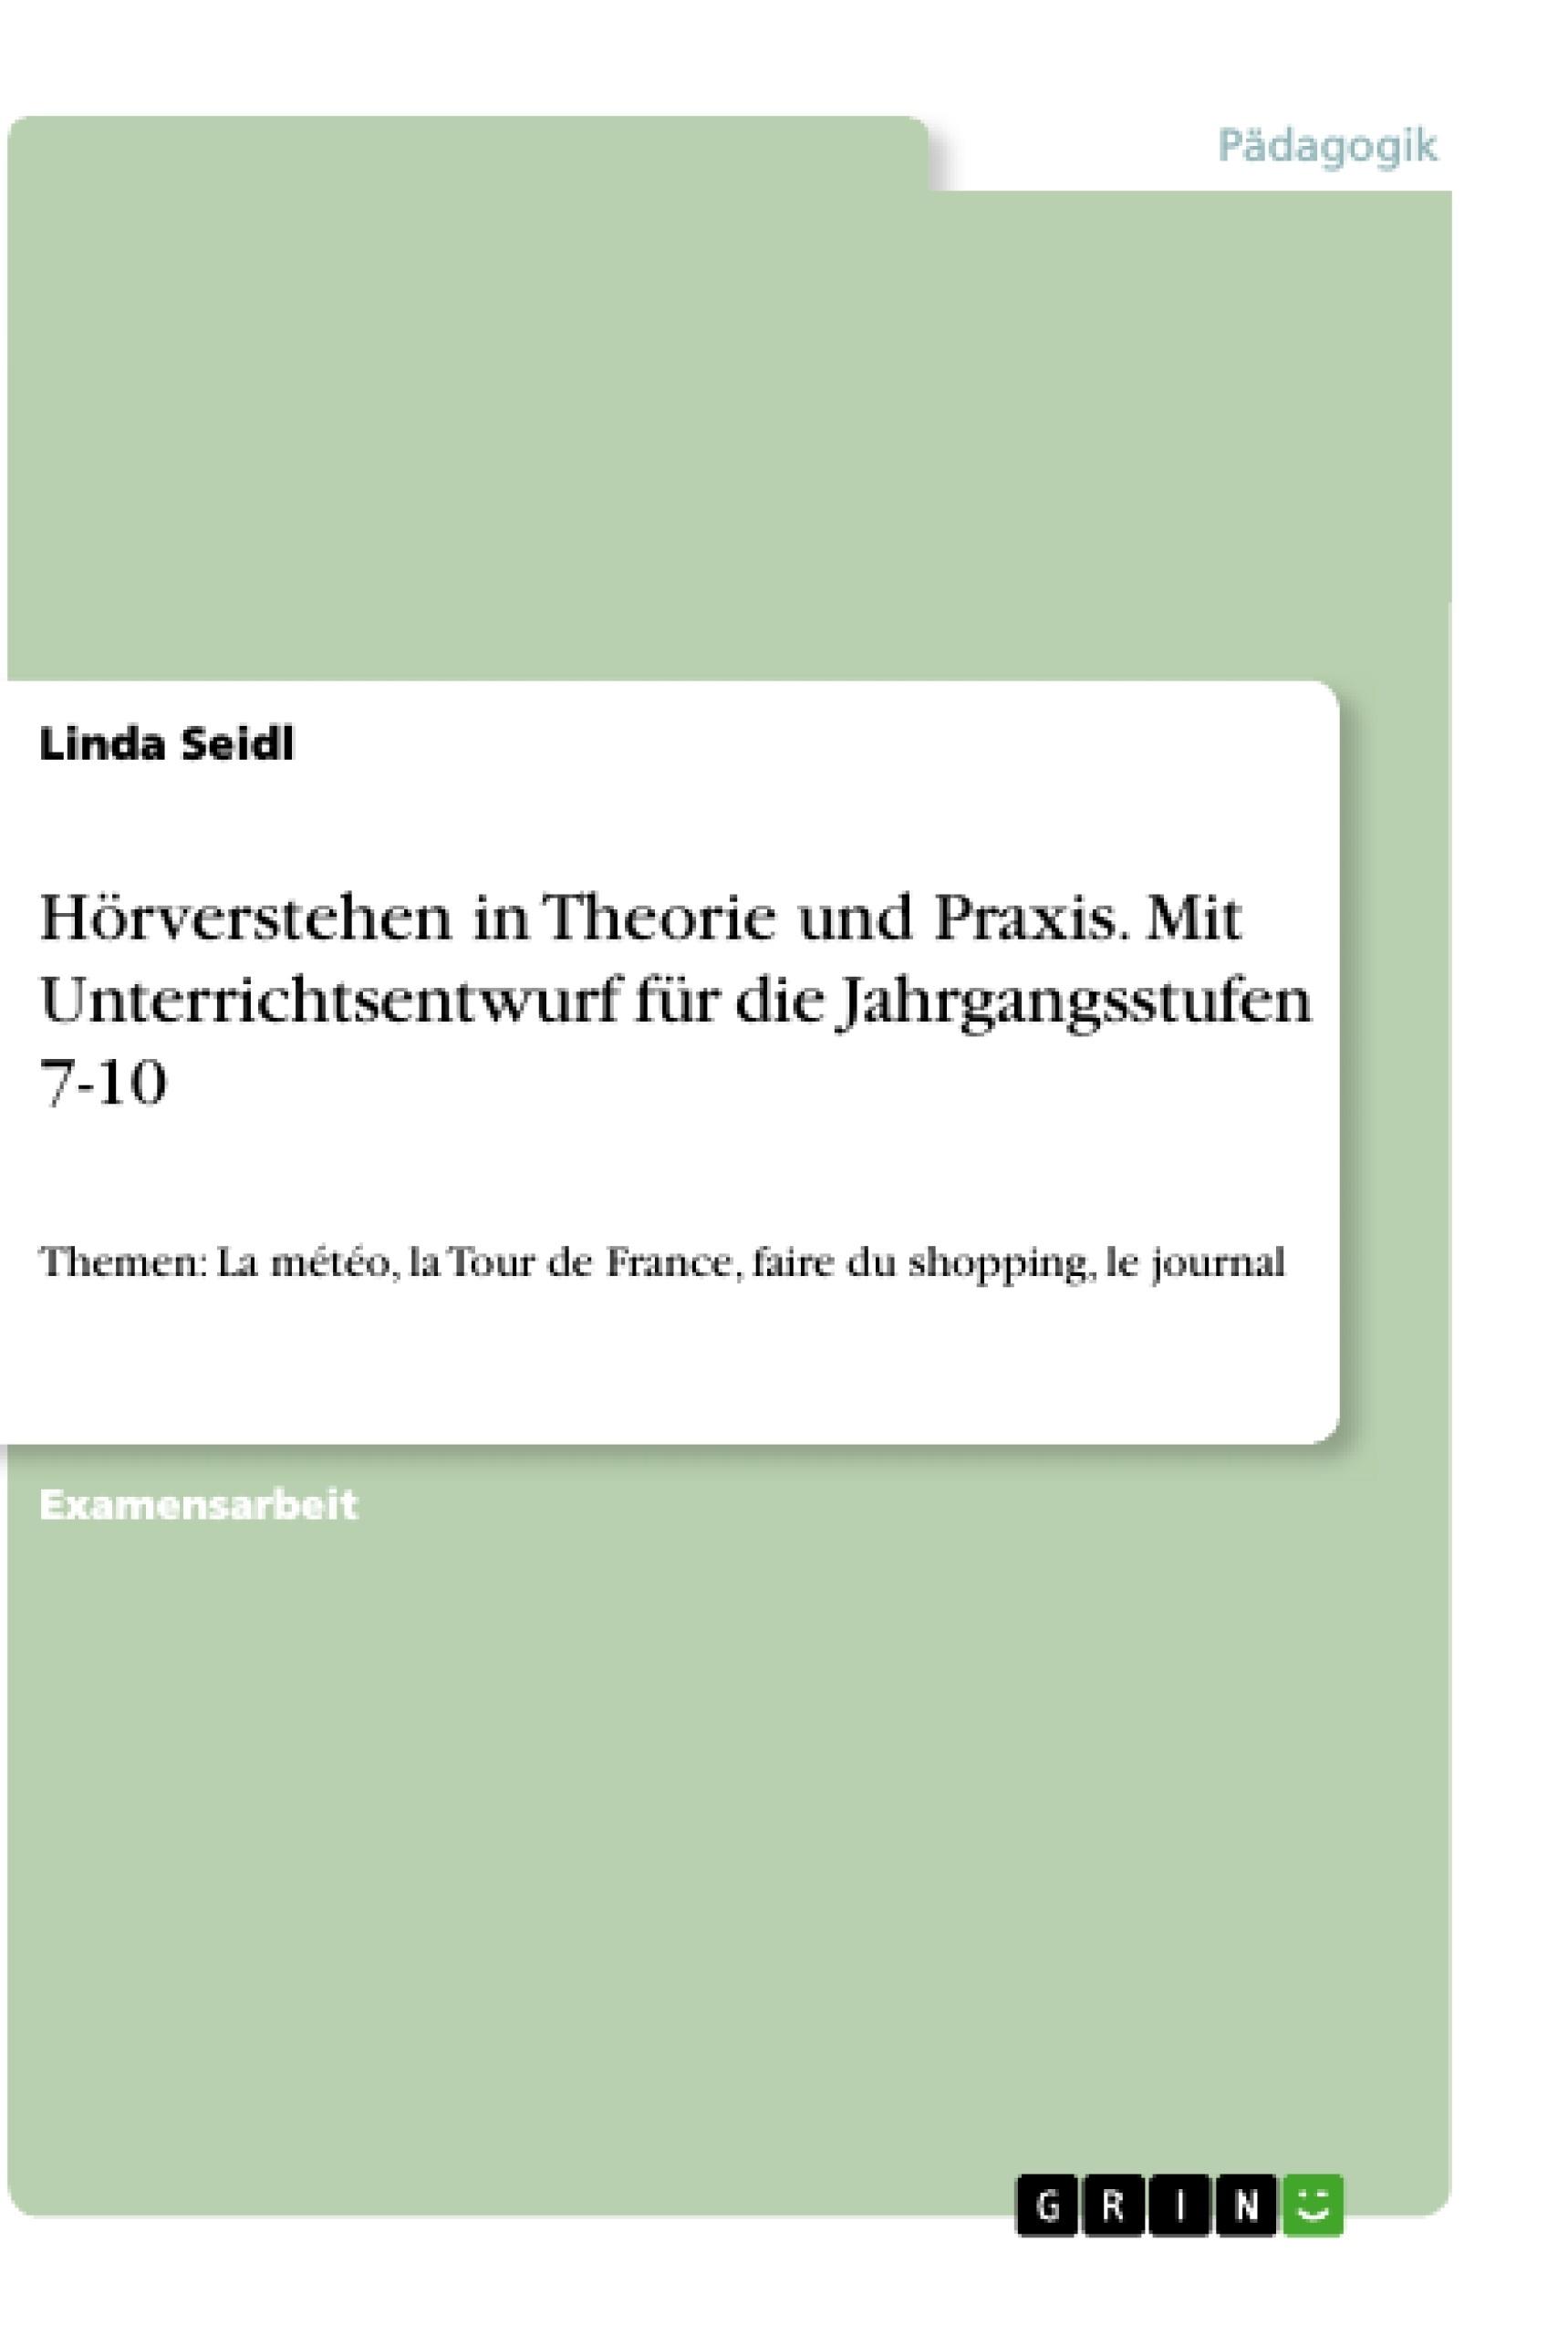 Hörverstehen in Theorie und Praxis | Masterarbeit, Hausarbeit ...